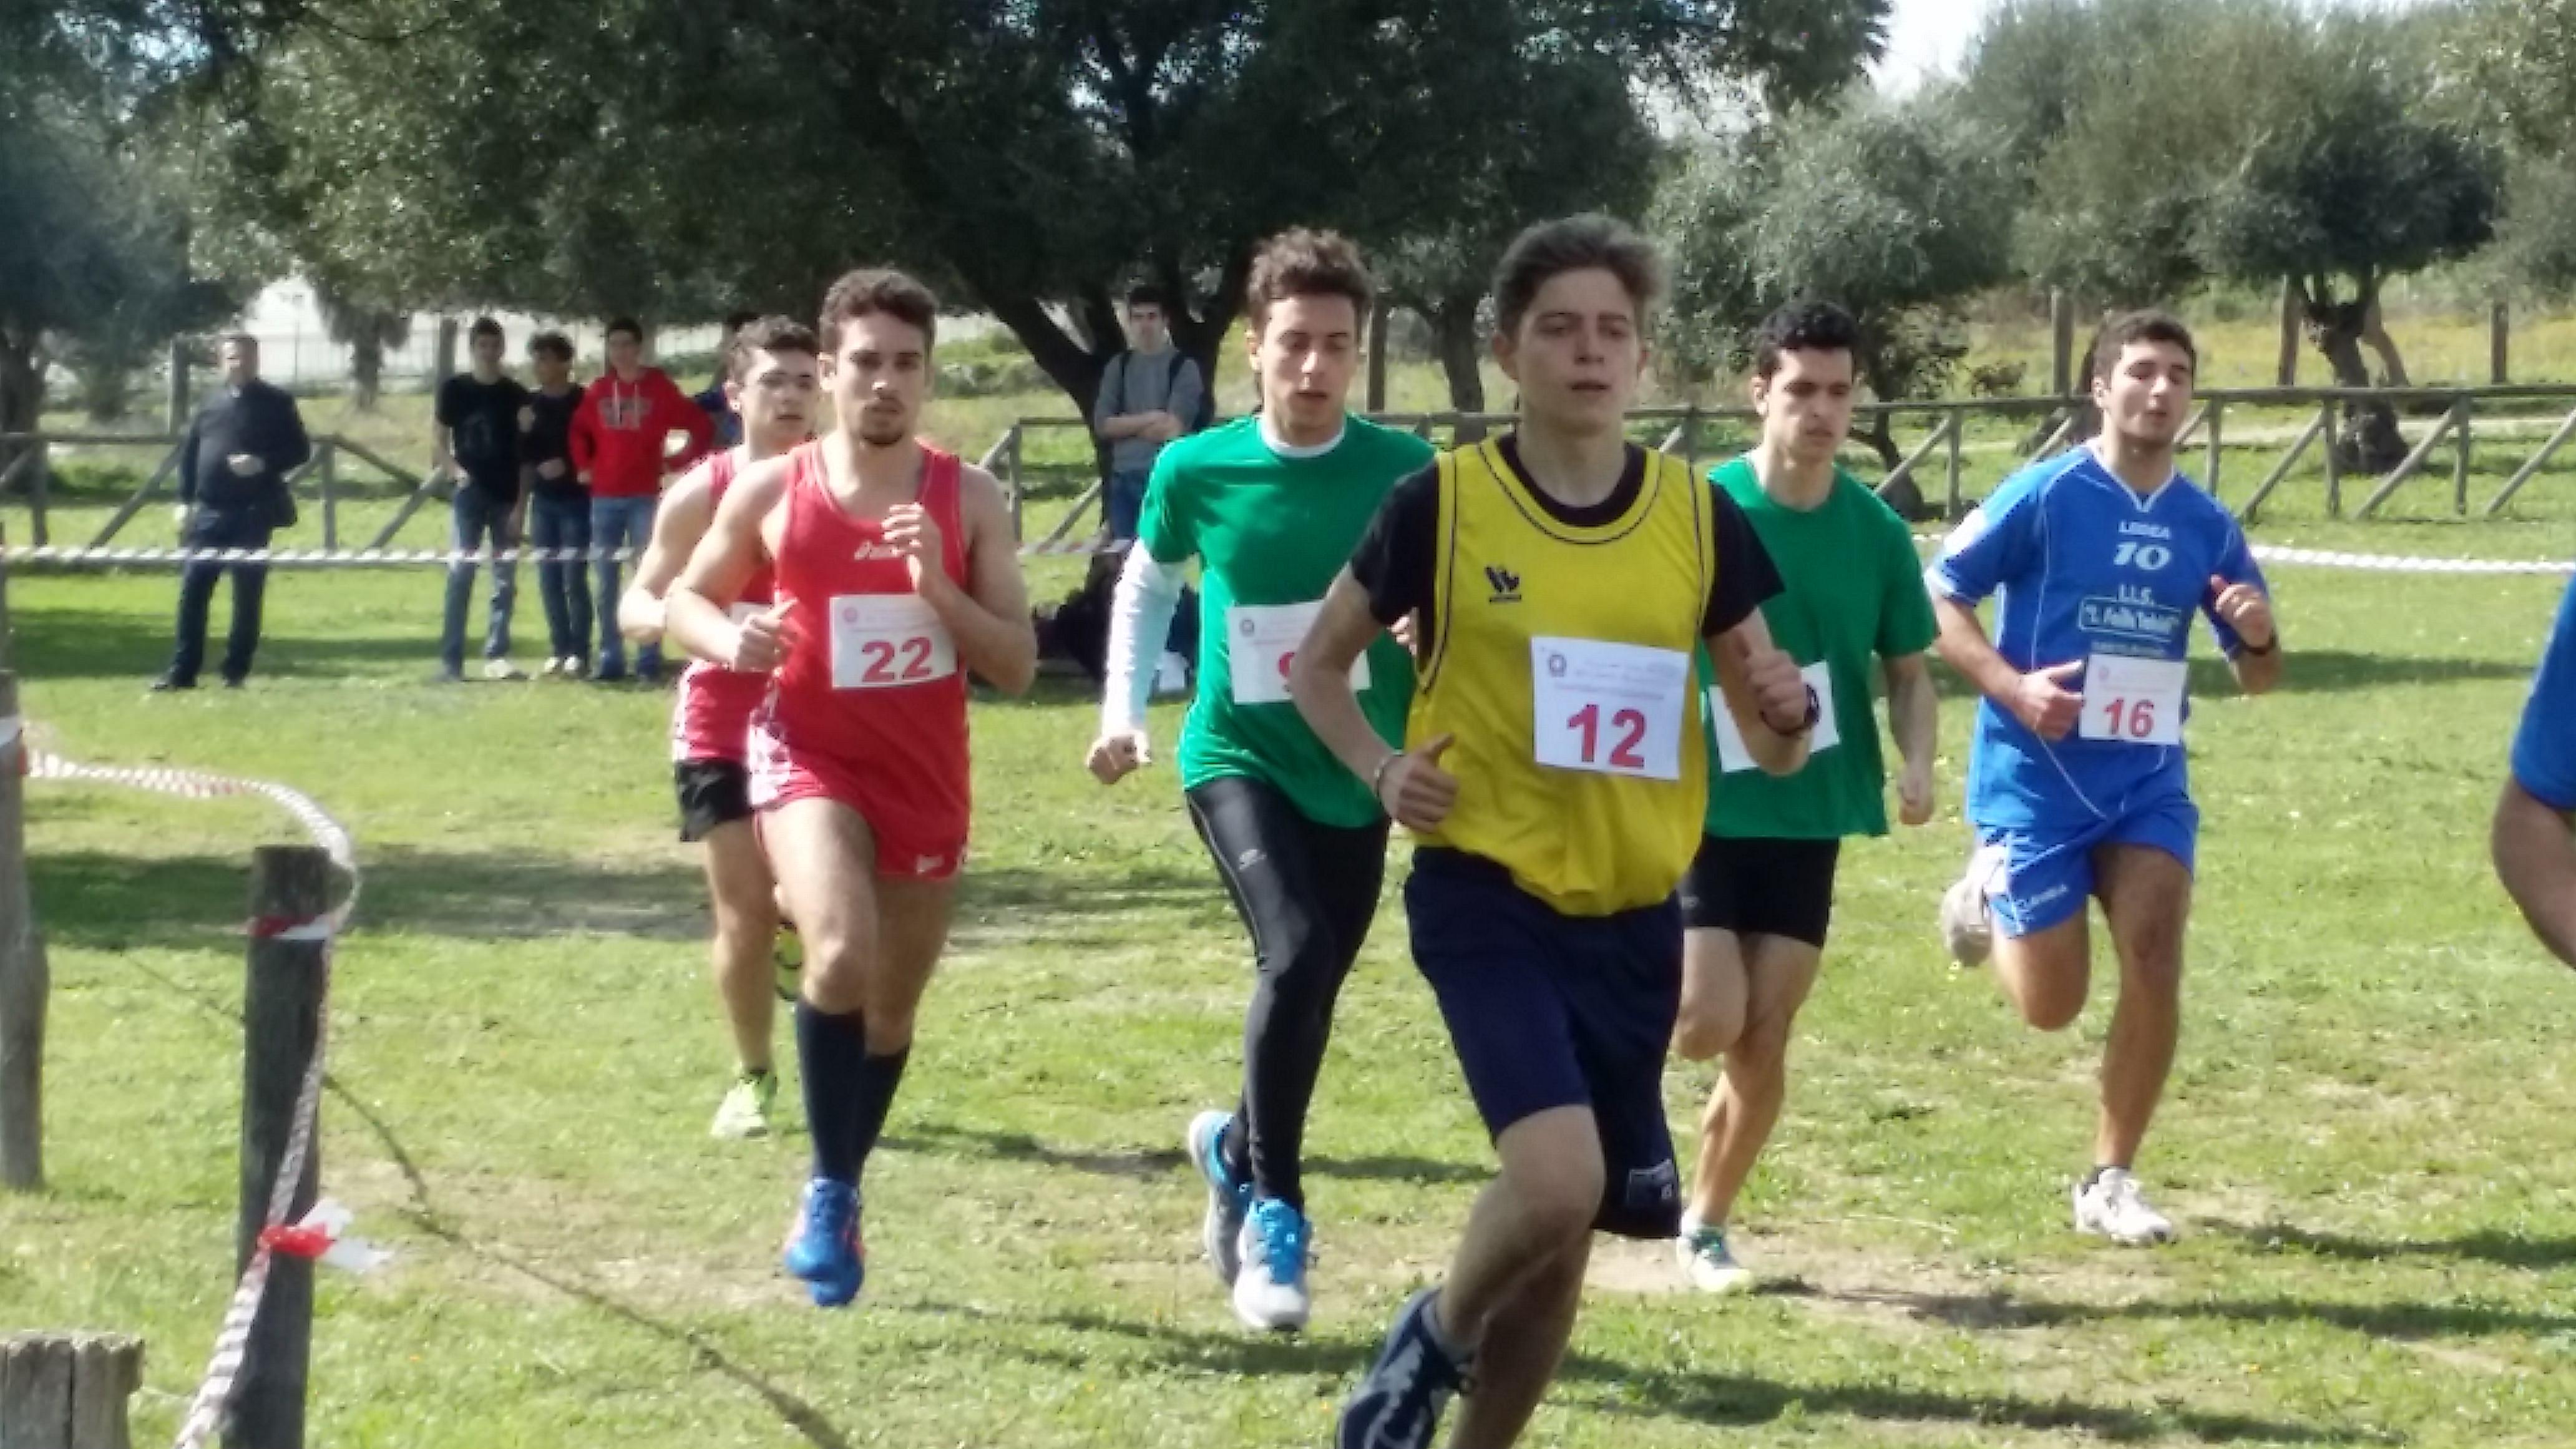 Campionati studenteschi di corsa campestre maschile5